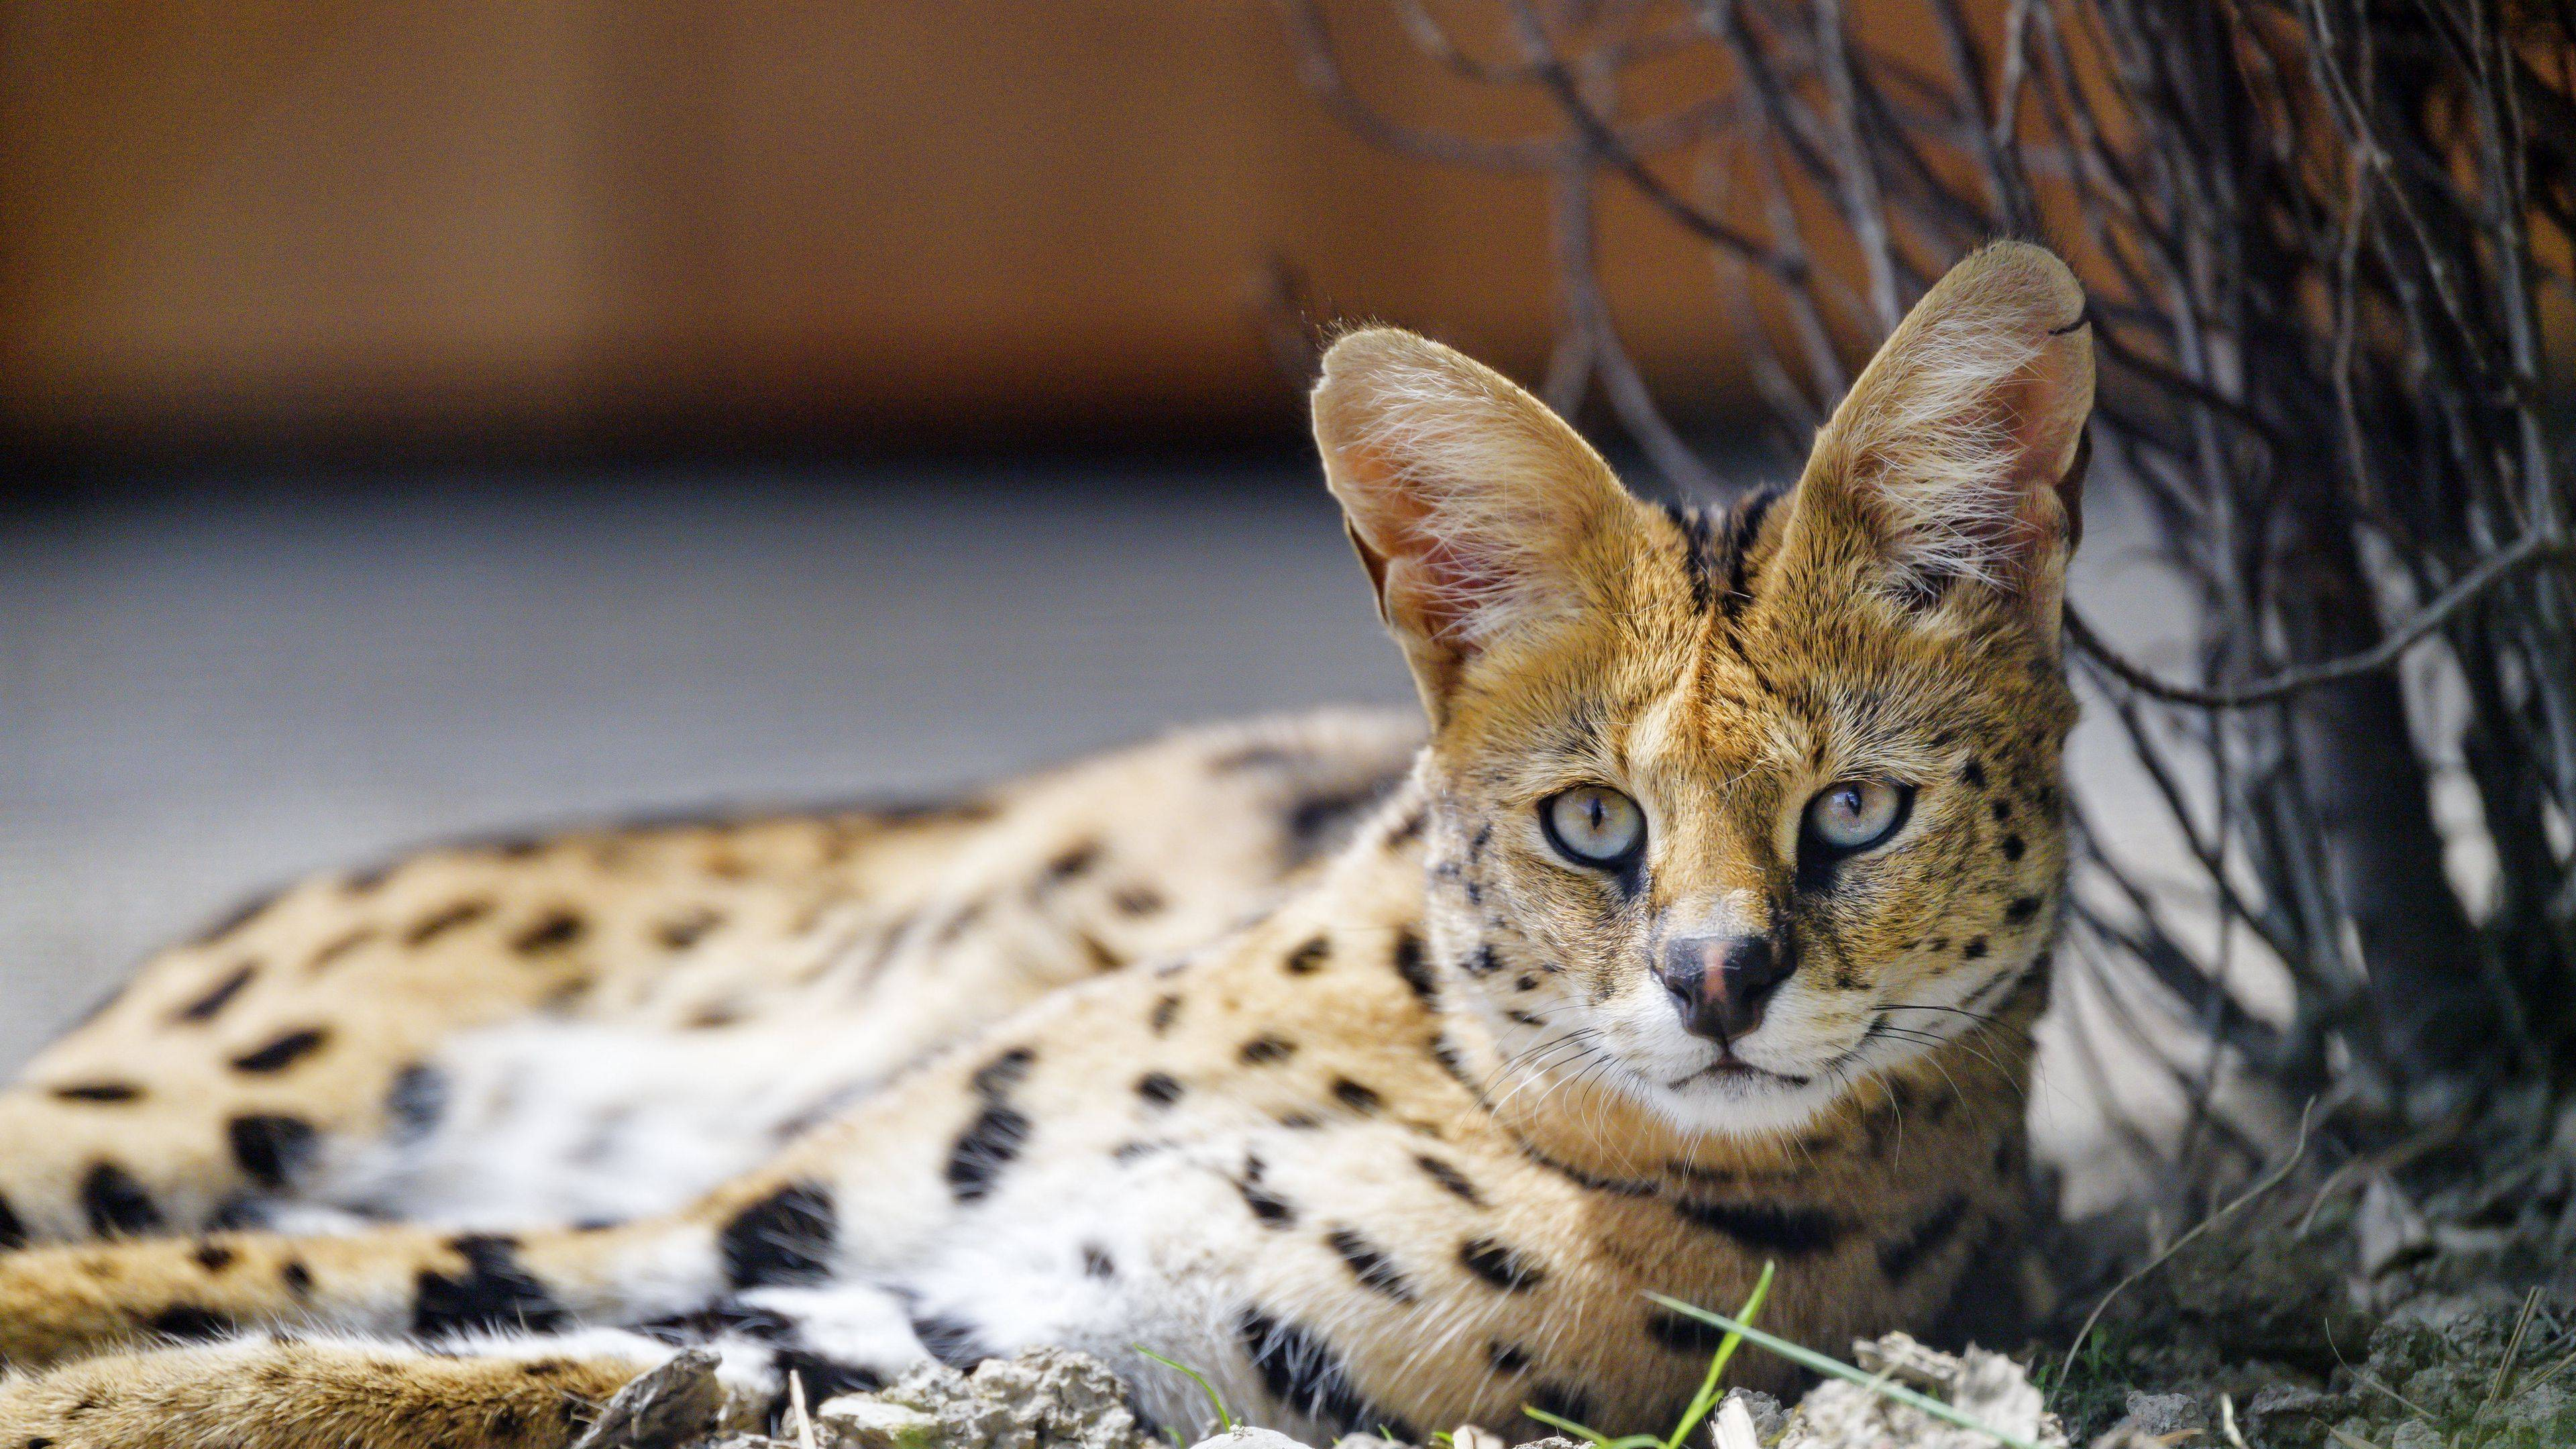 Кошка сервал: африканский дикий кот в домашних условиях, фото и описание